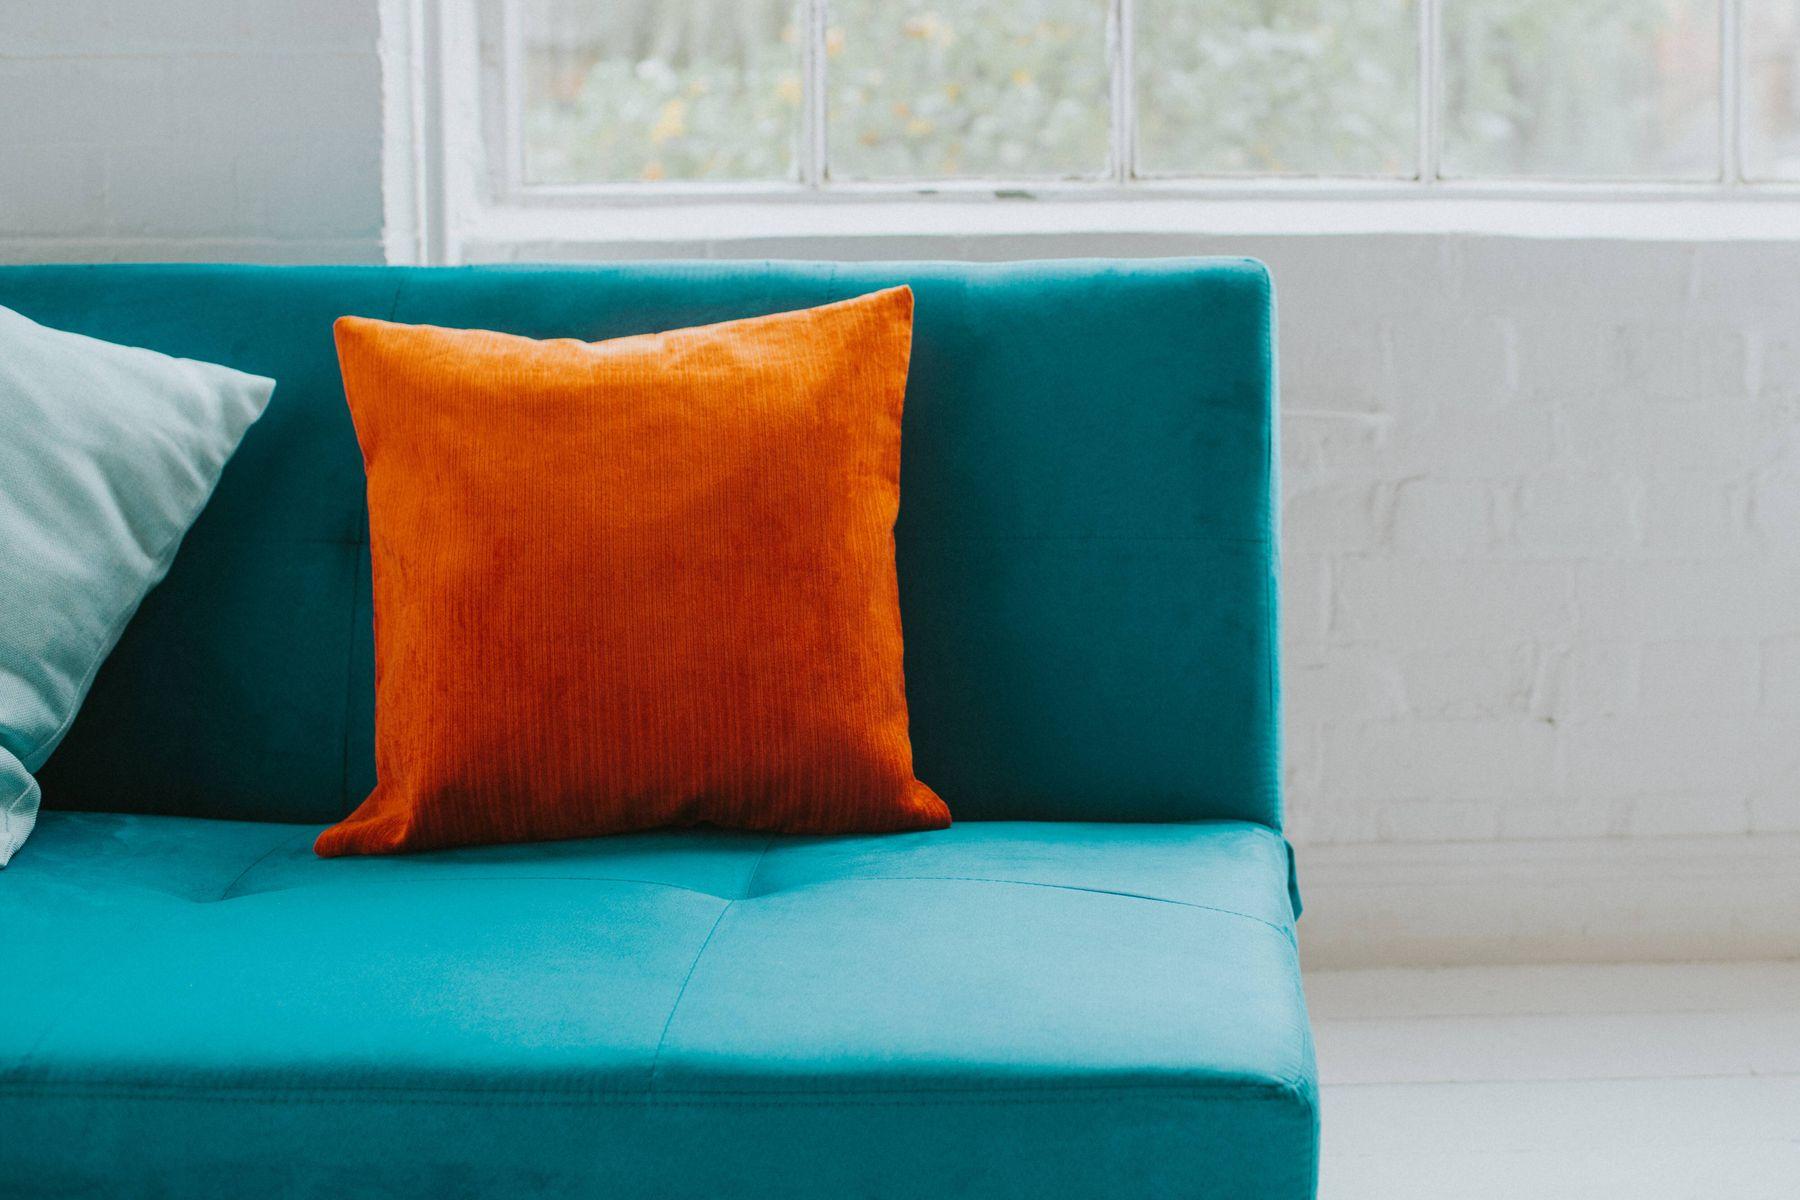 sofá de veludo verde com almofada laranja